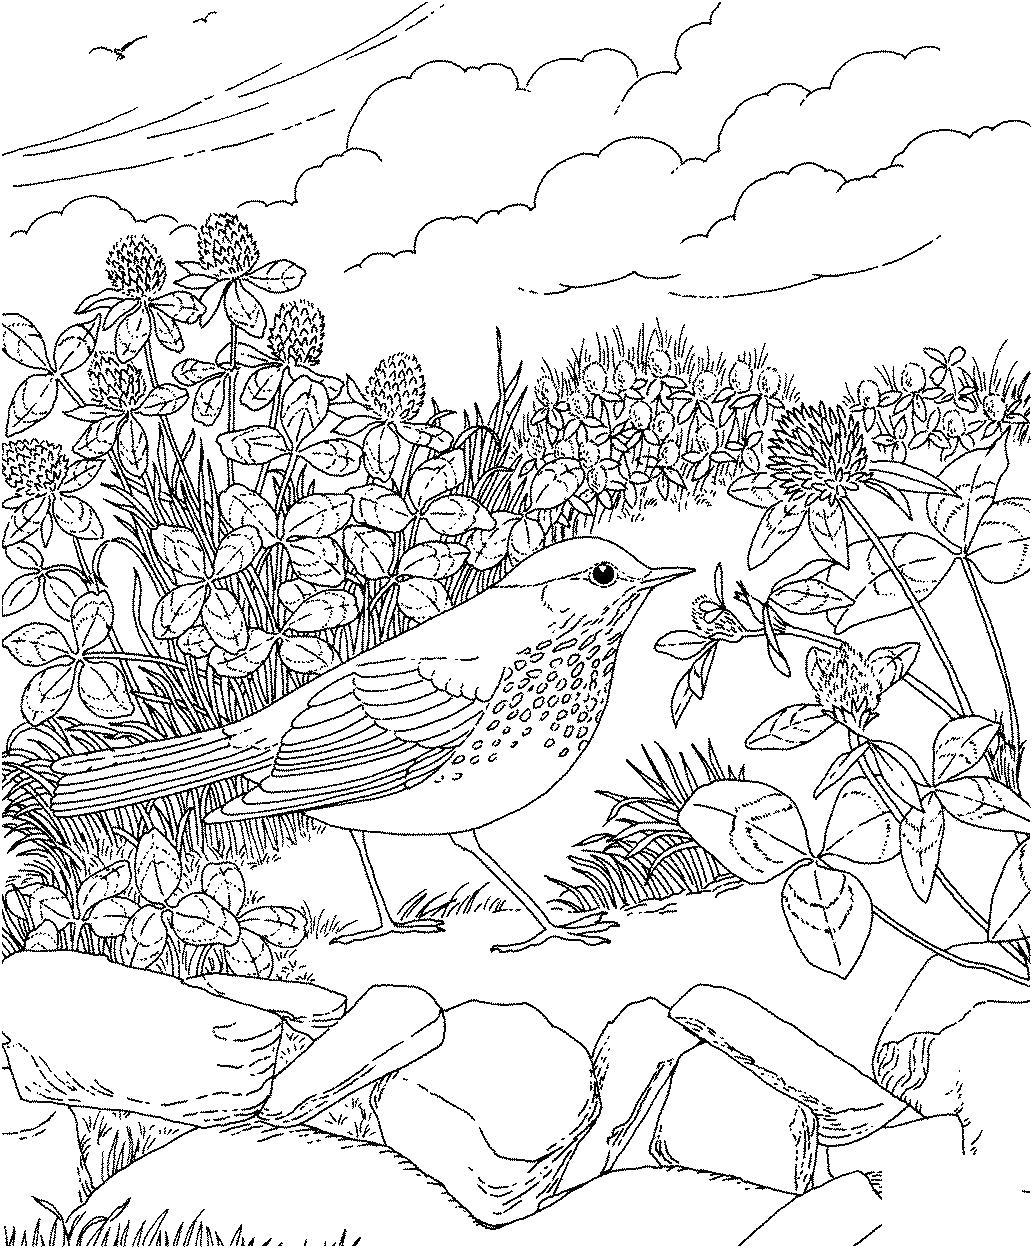 Птица среди цветов на камнях Раскраски антистресс распечатать